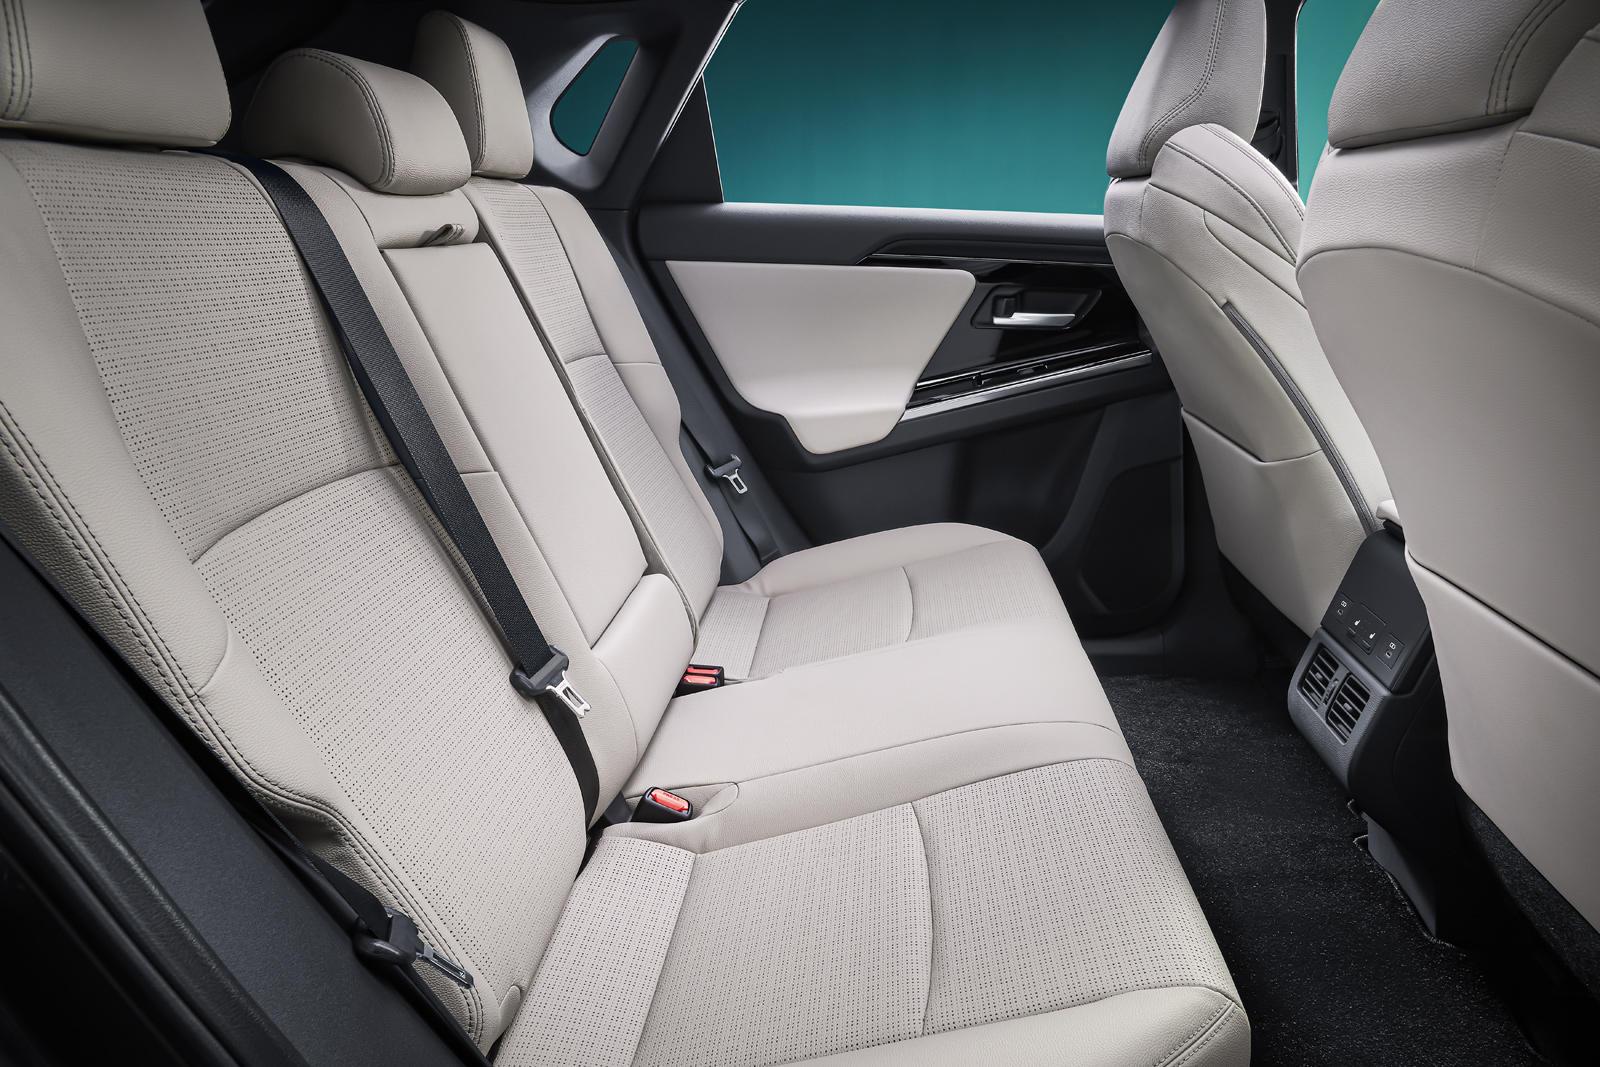 Благодаря длинной колесной базе и коротким свесам внешний вид bZ4X весьма своеобразен и похож на более ранний концепт Subaru. Toyota описывает интерьер как «открытую концепцию», в которой особое внимание уделяется комфорту водителя, например, низкому